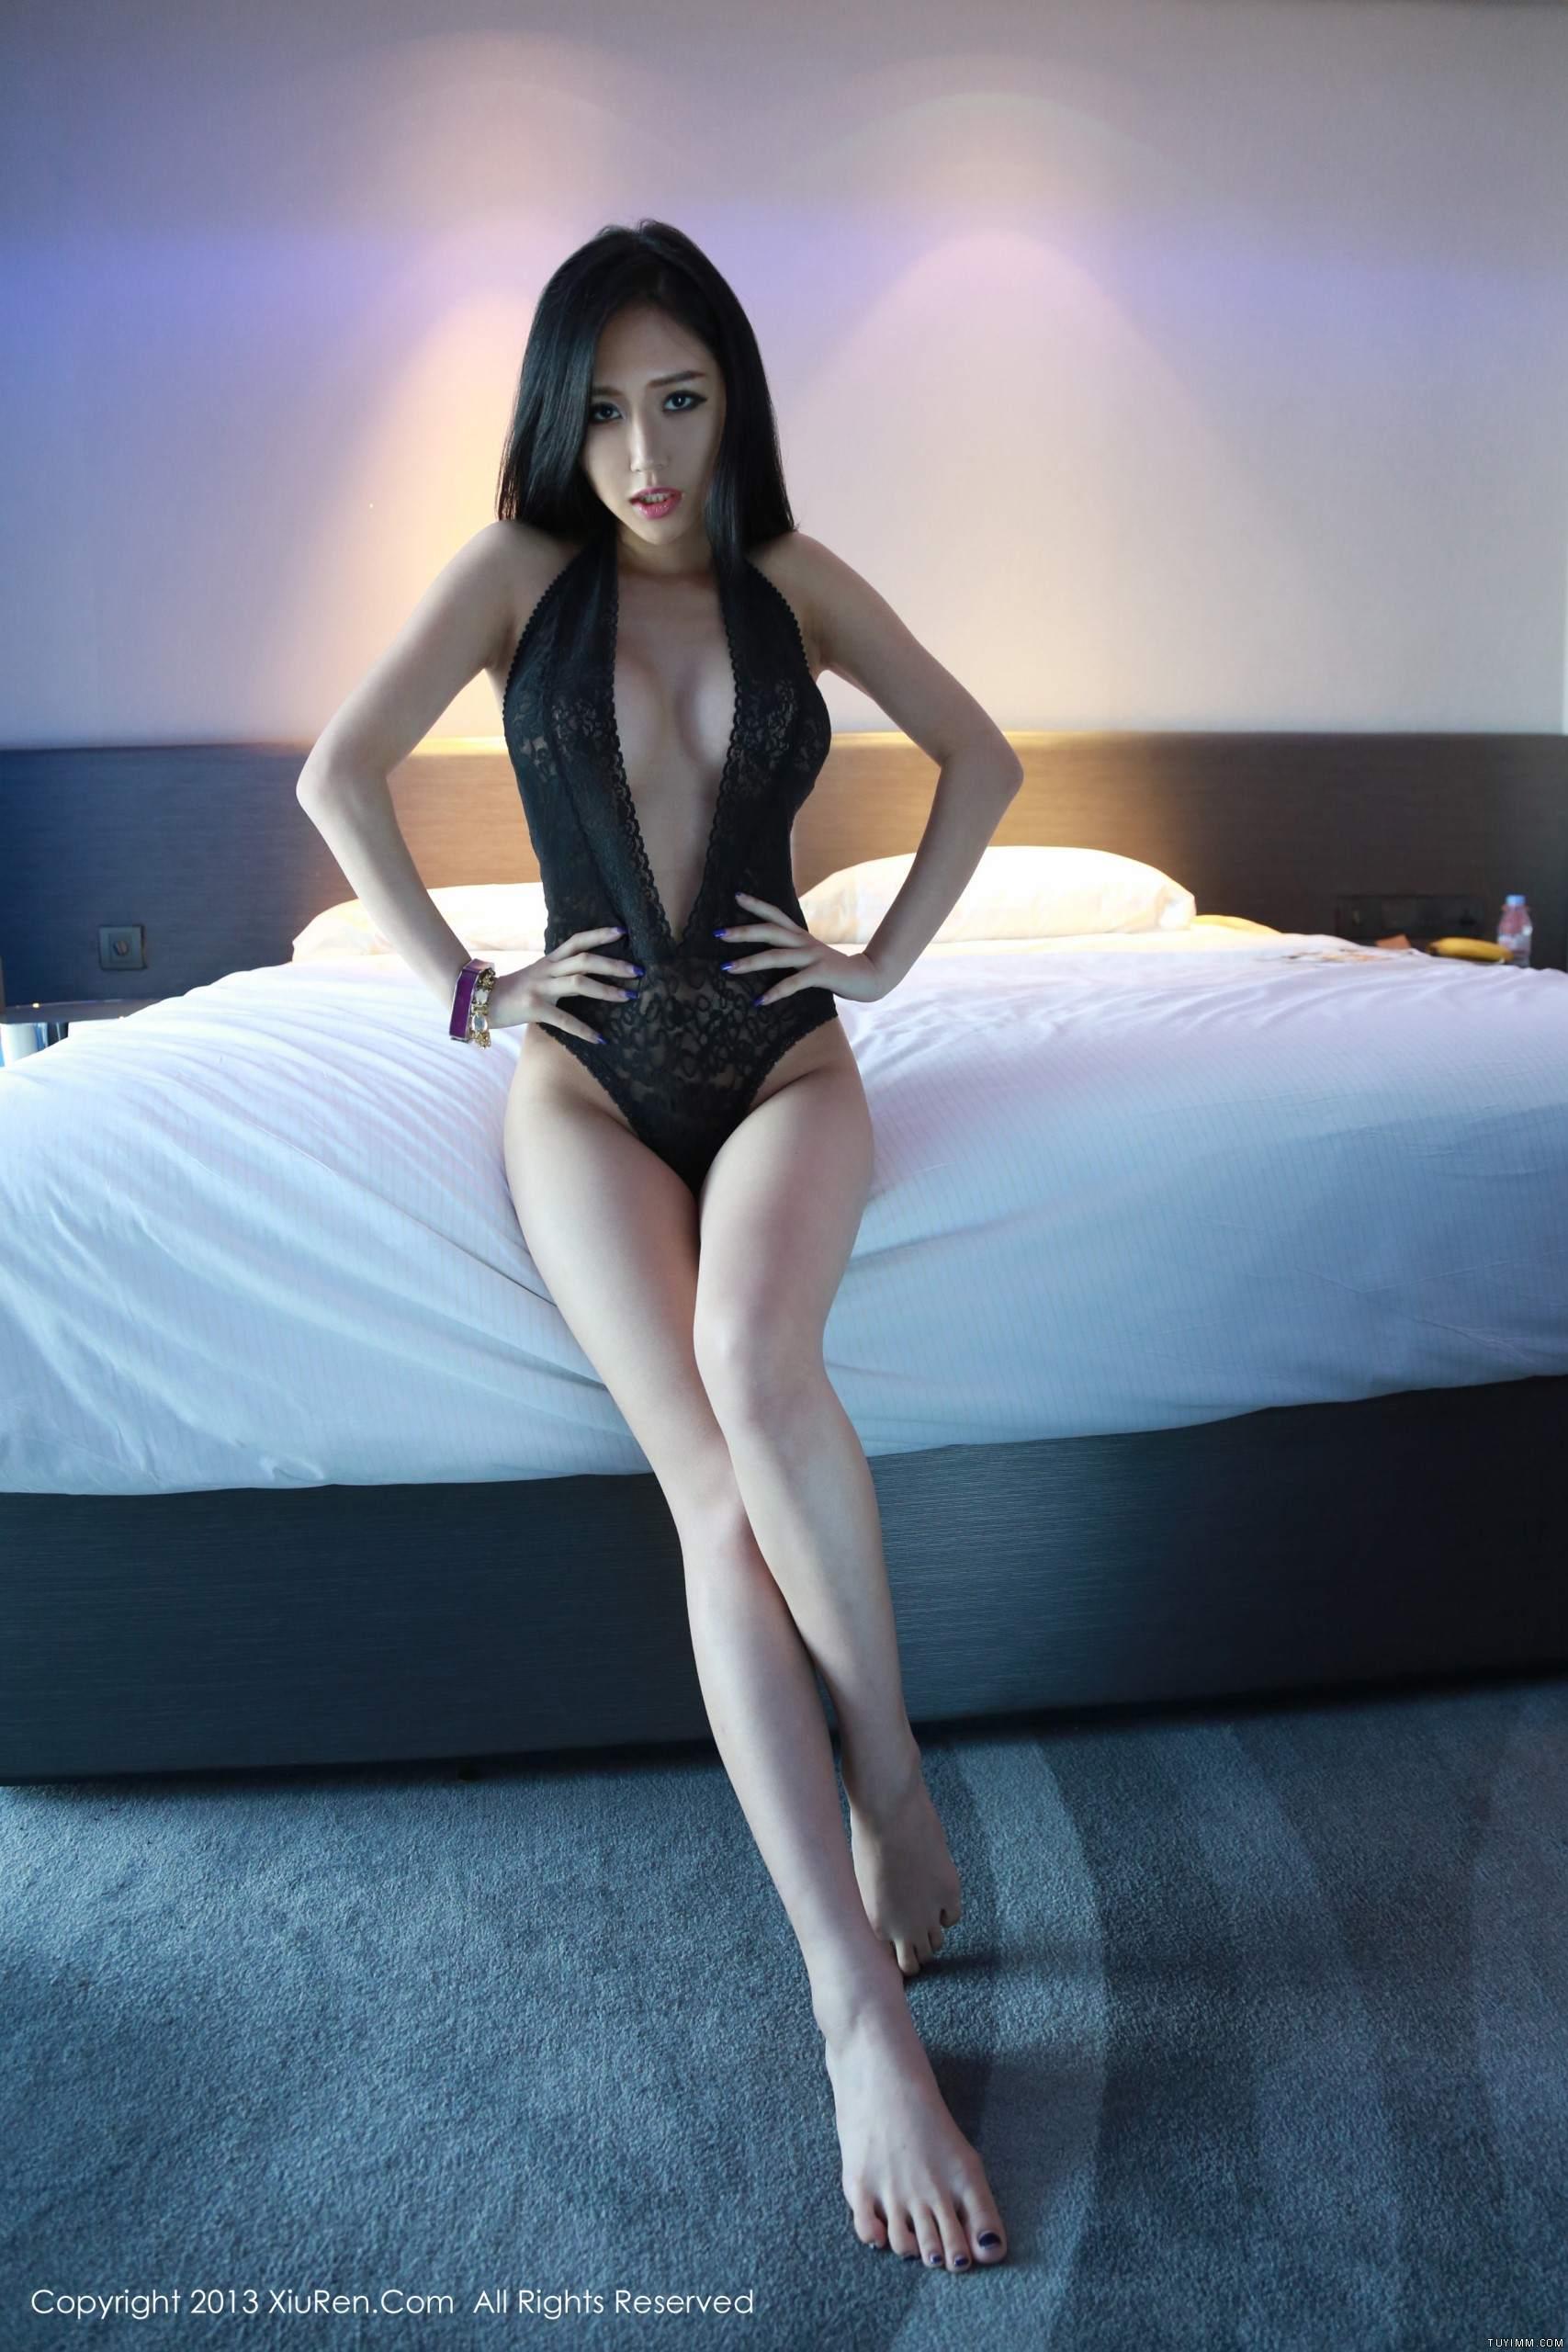 [福利]于大小姐AYU的辅助网-第15张图片-哔哔娱乐网